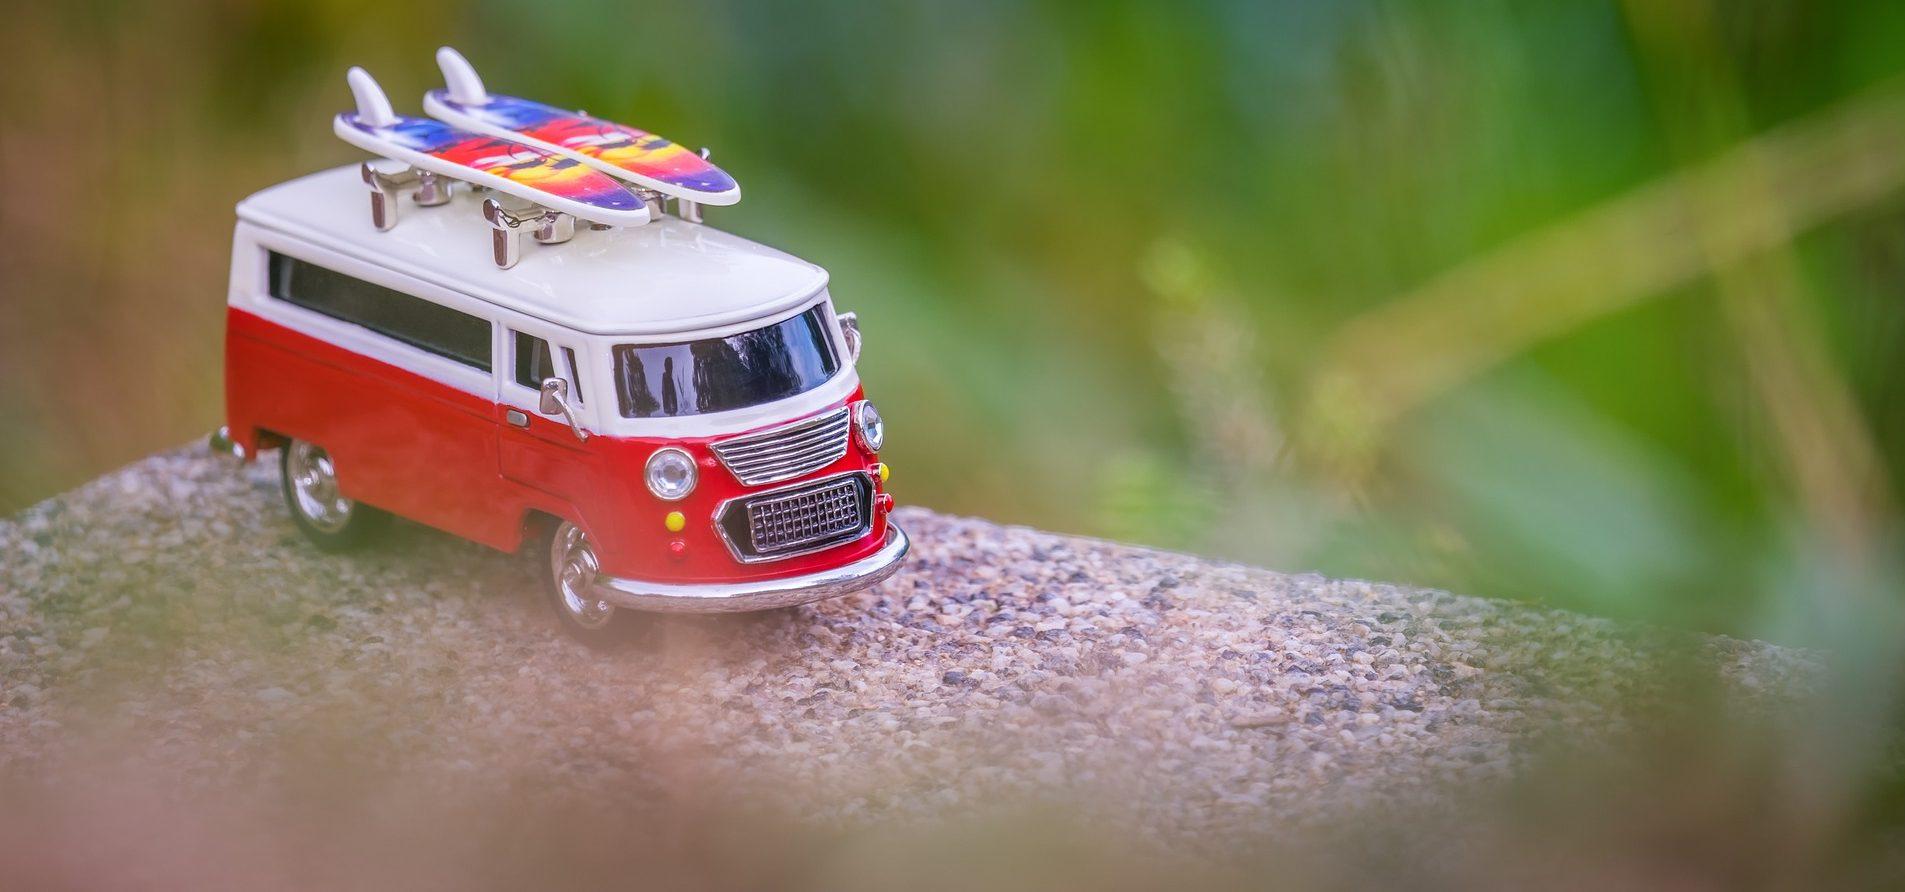 Il turismo riparte…in autobus: ecco tutte le proposte per vacanze in bus in Italia